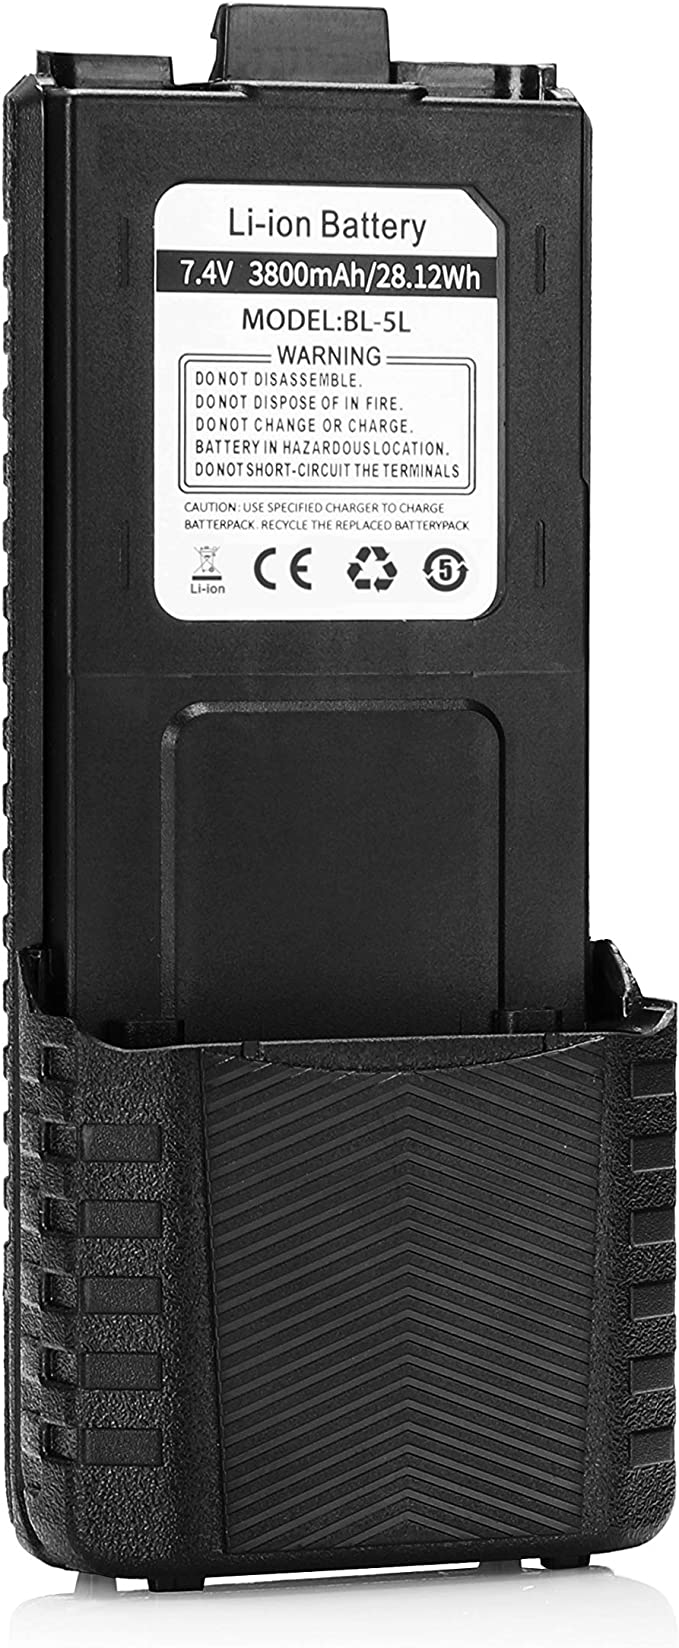 Baofeng BL-5 3800 mAh Batería de Gran Capacidad para Baofeng UV-5R/UV-5R Plus/UV-5RTP Walkie Talkie: Amazon.es: Electrónica